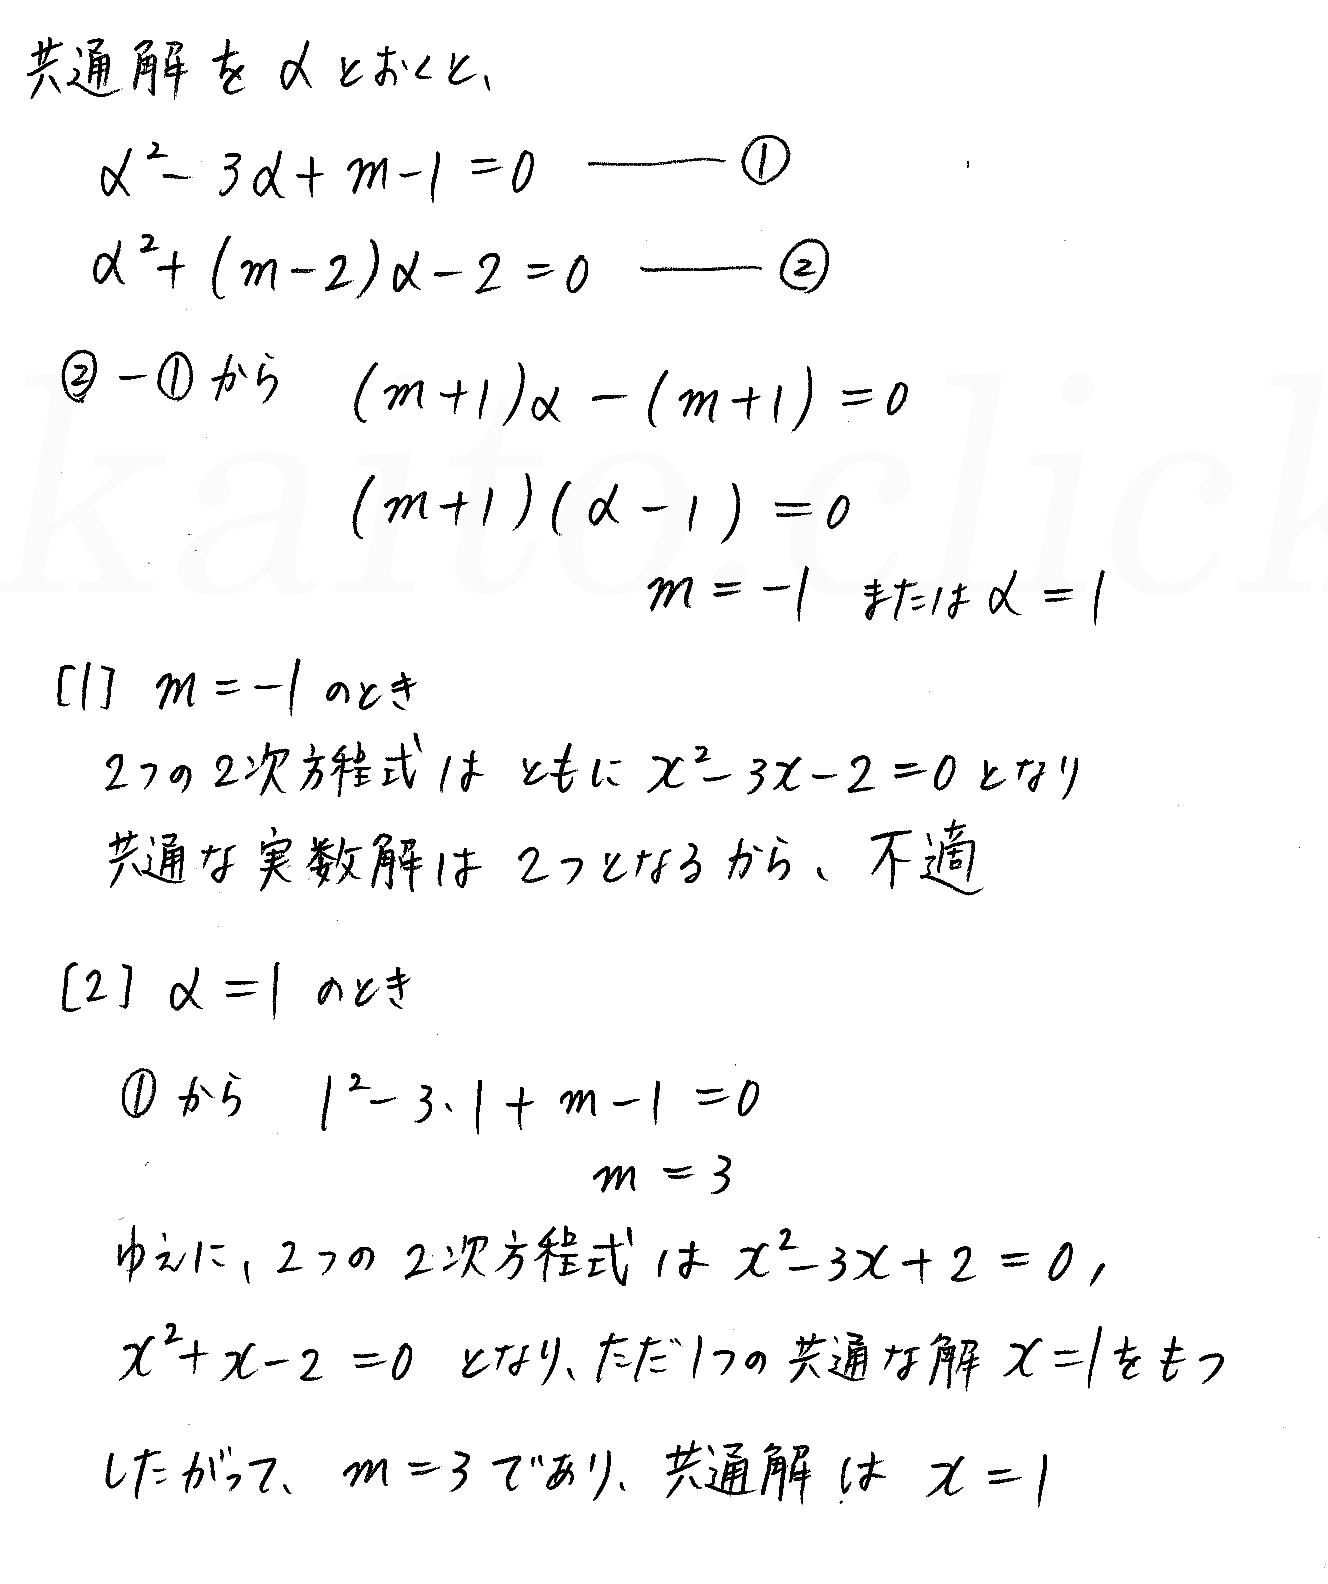 クリアー数学演習12AB受験編-16解答